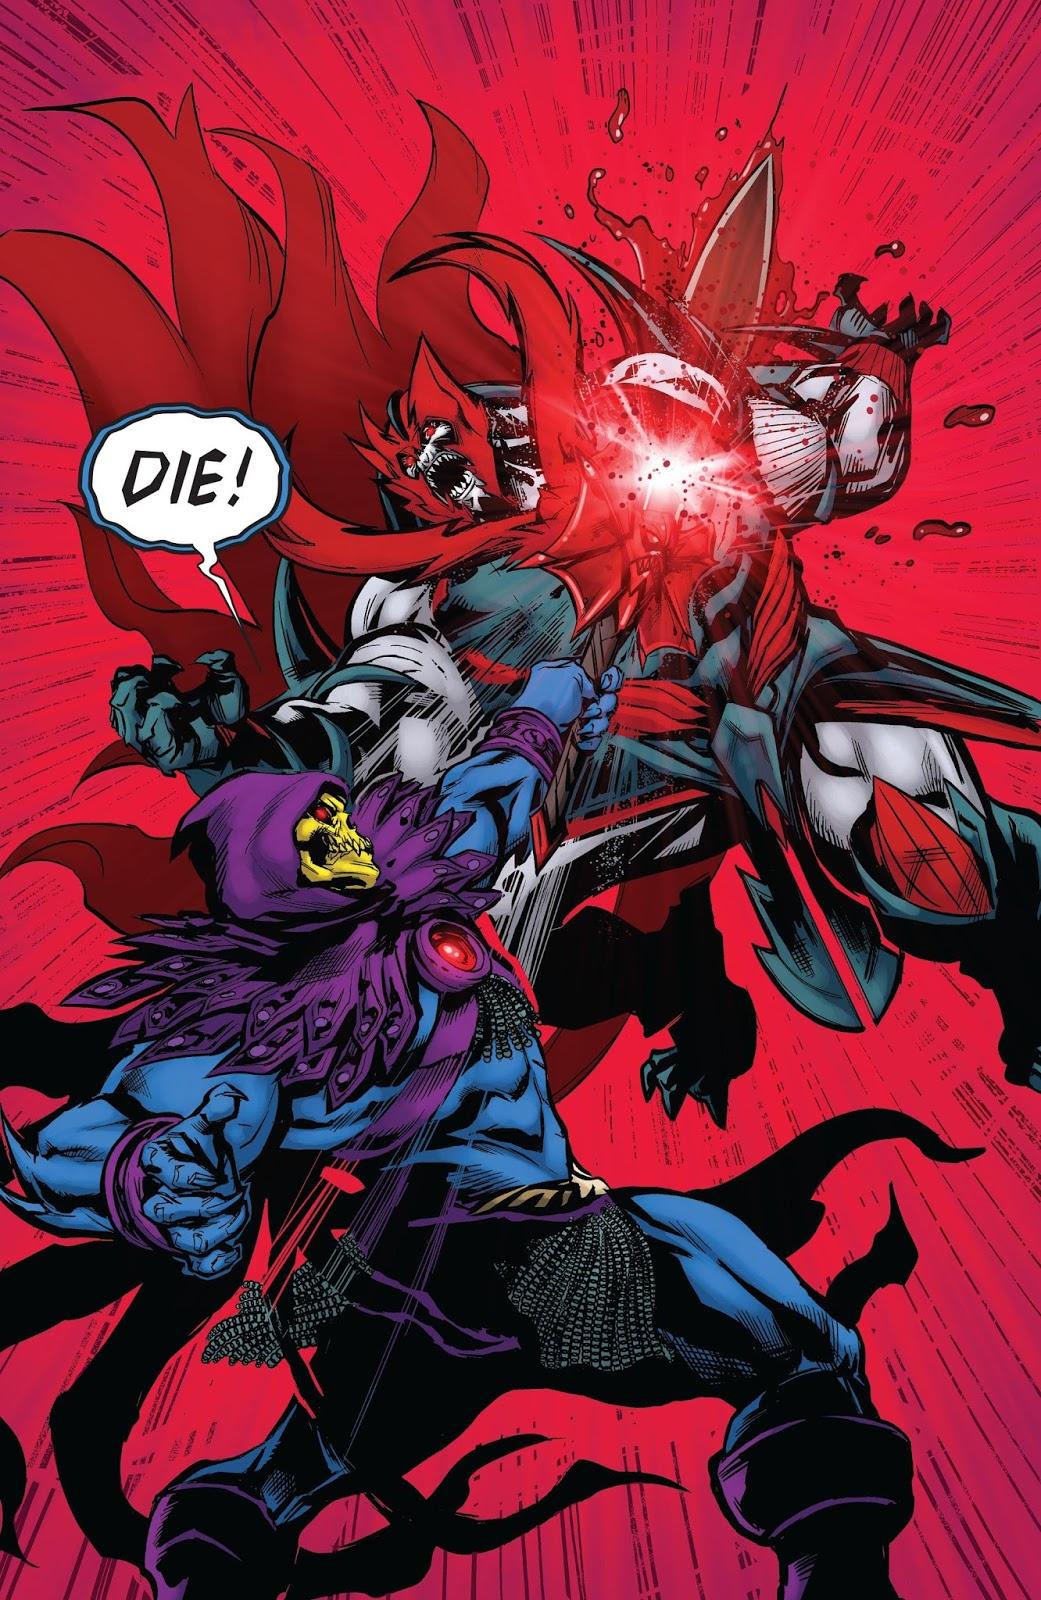 Weird Science DC Comics: He-Man: The Eternity War #9 ...